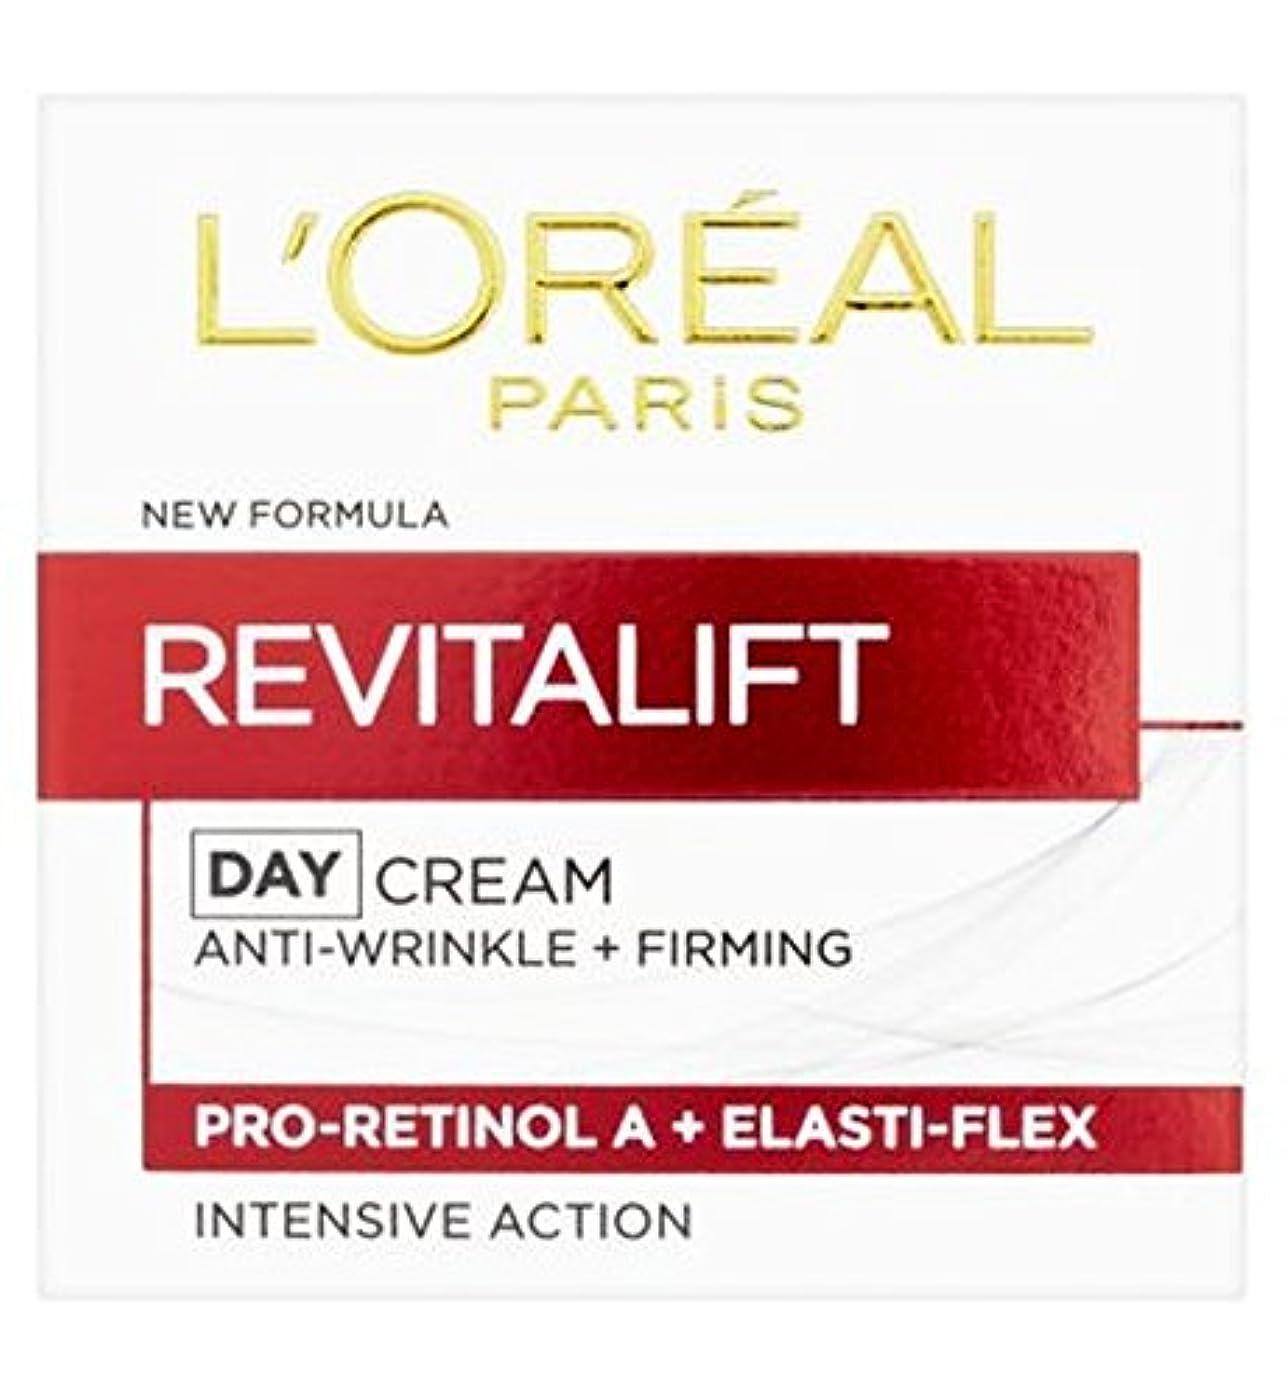 代理店キャプチャーストラトフォードオンエイボンL'Oreal Revitalift Anti Wrinkle and Firming Day Cream 50ml - ロレアルのRevitalift抗シワやファーミングデイクリーム50ミリリットル (L'Oreal)...